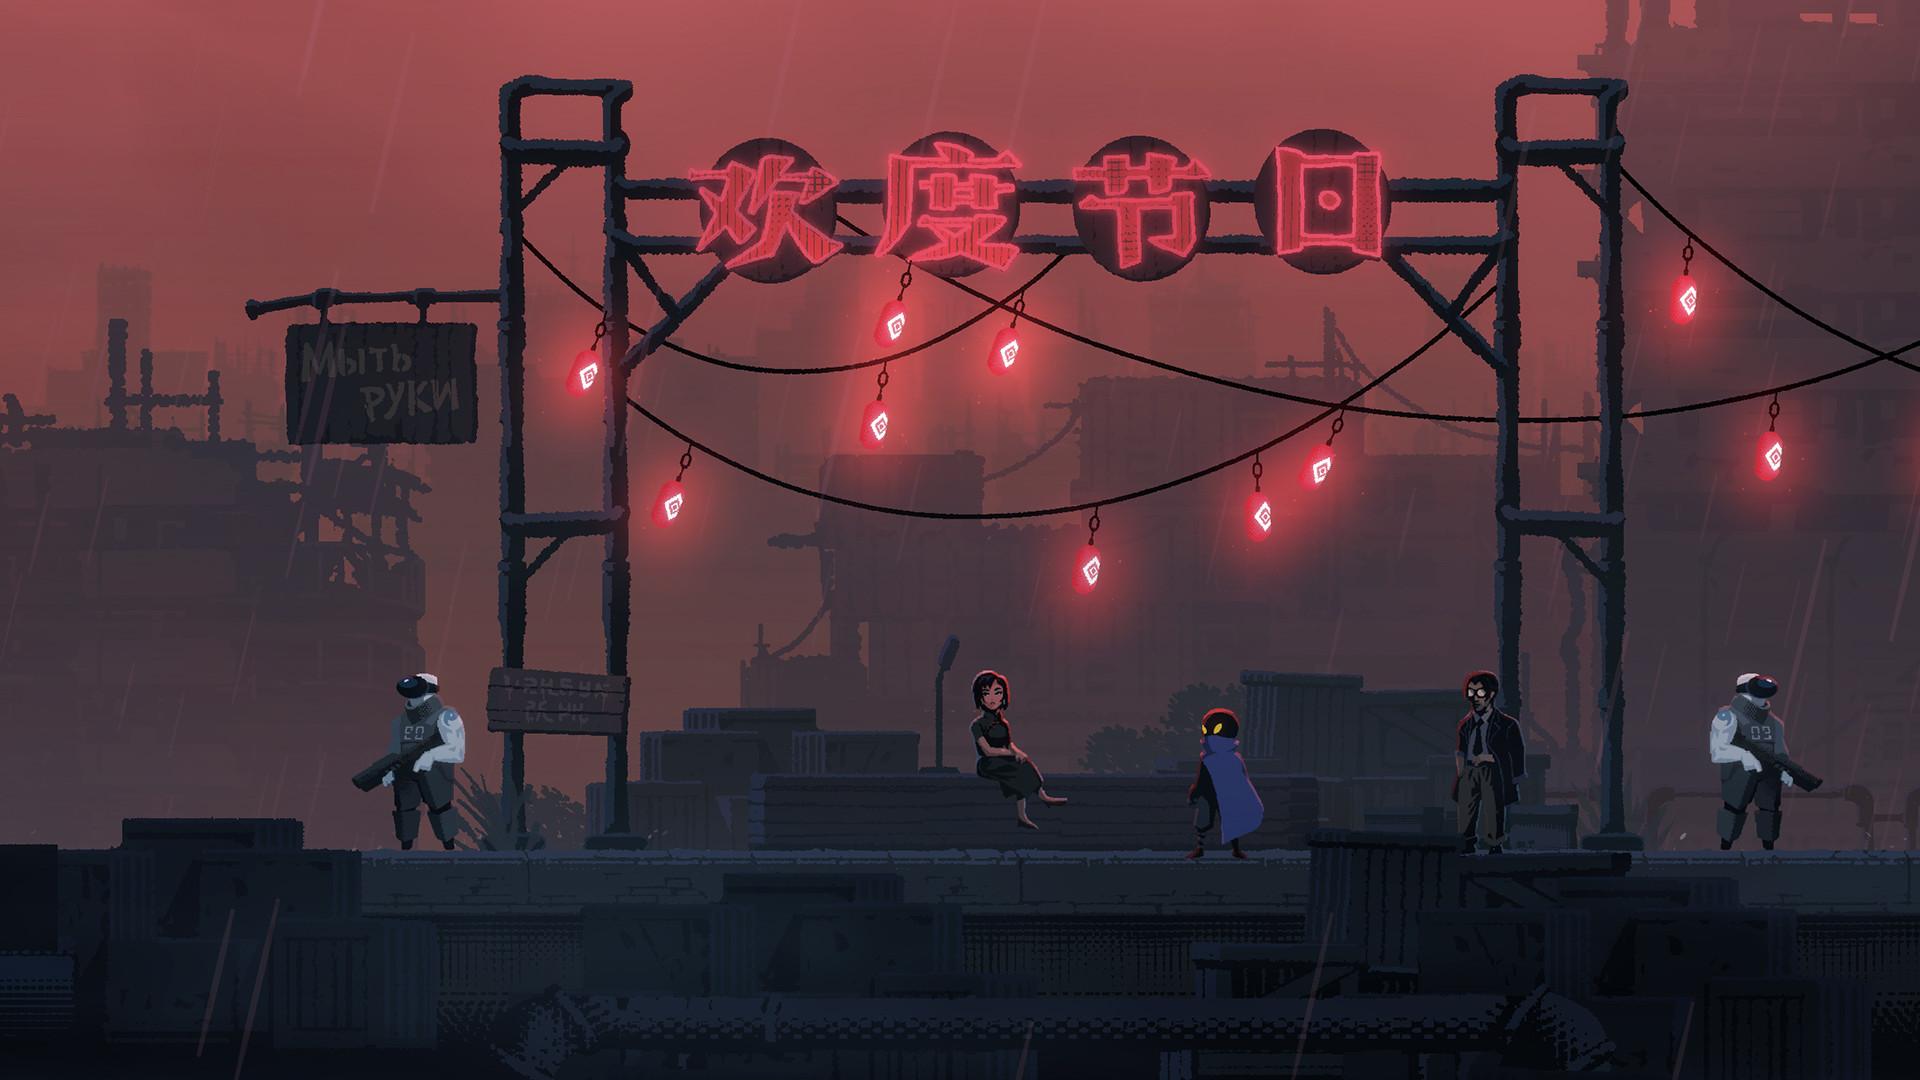 国产类银河恶魔城游戏《勇敢的哈克》已上架Steam